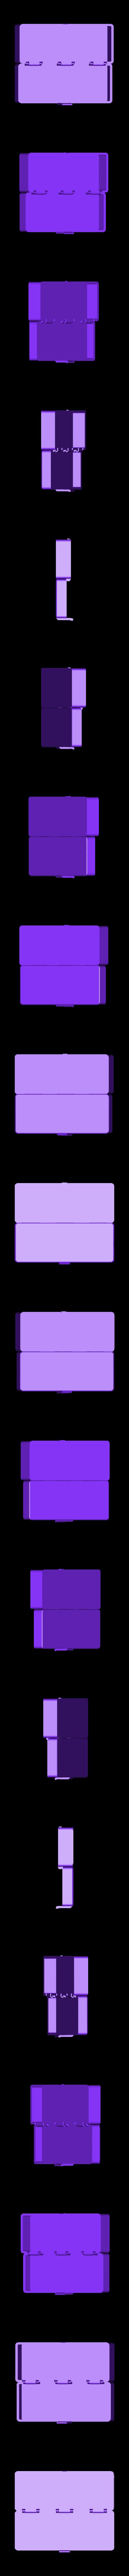 box_04_40x243x100.stl Télécharger fichier STL gratuit boxer • Modèle pour impression 3D, zibi36